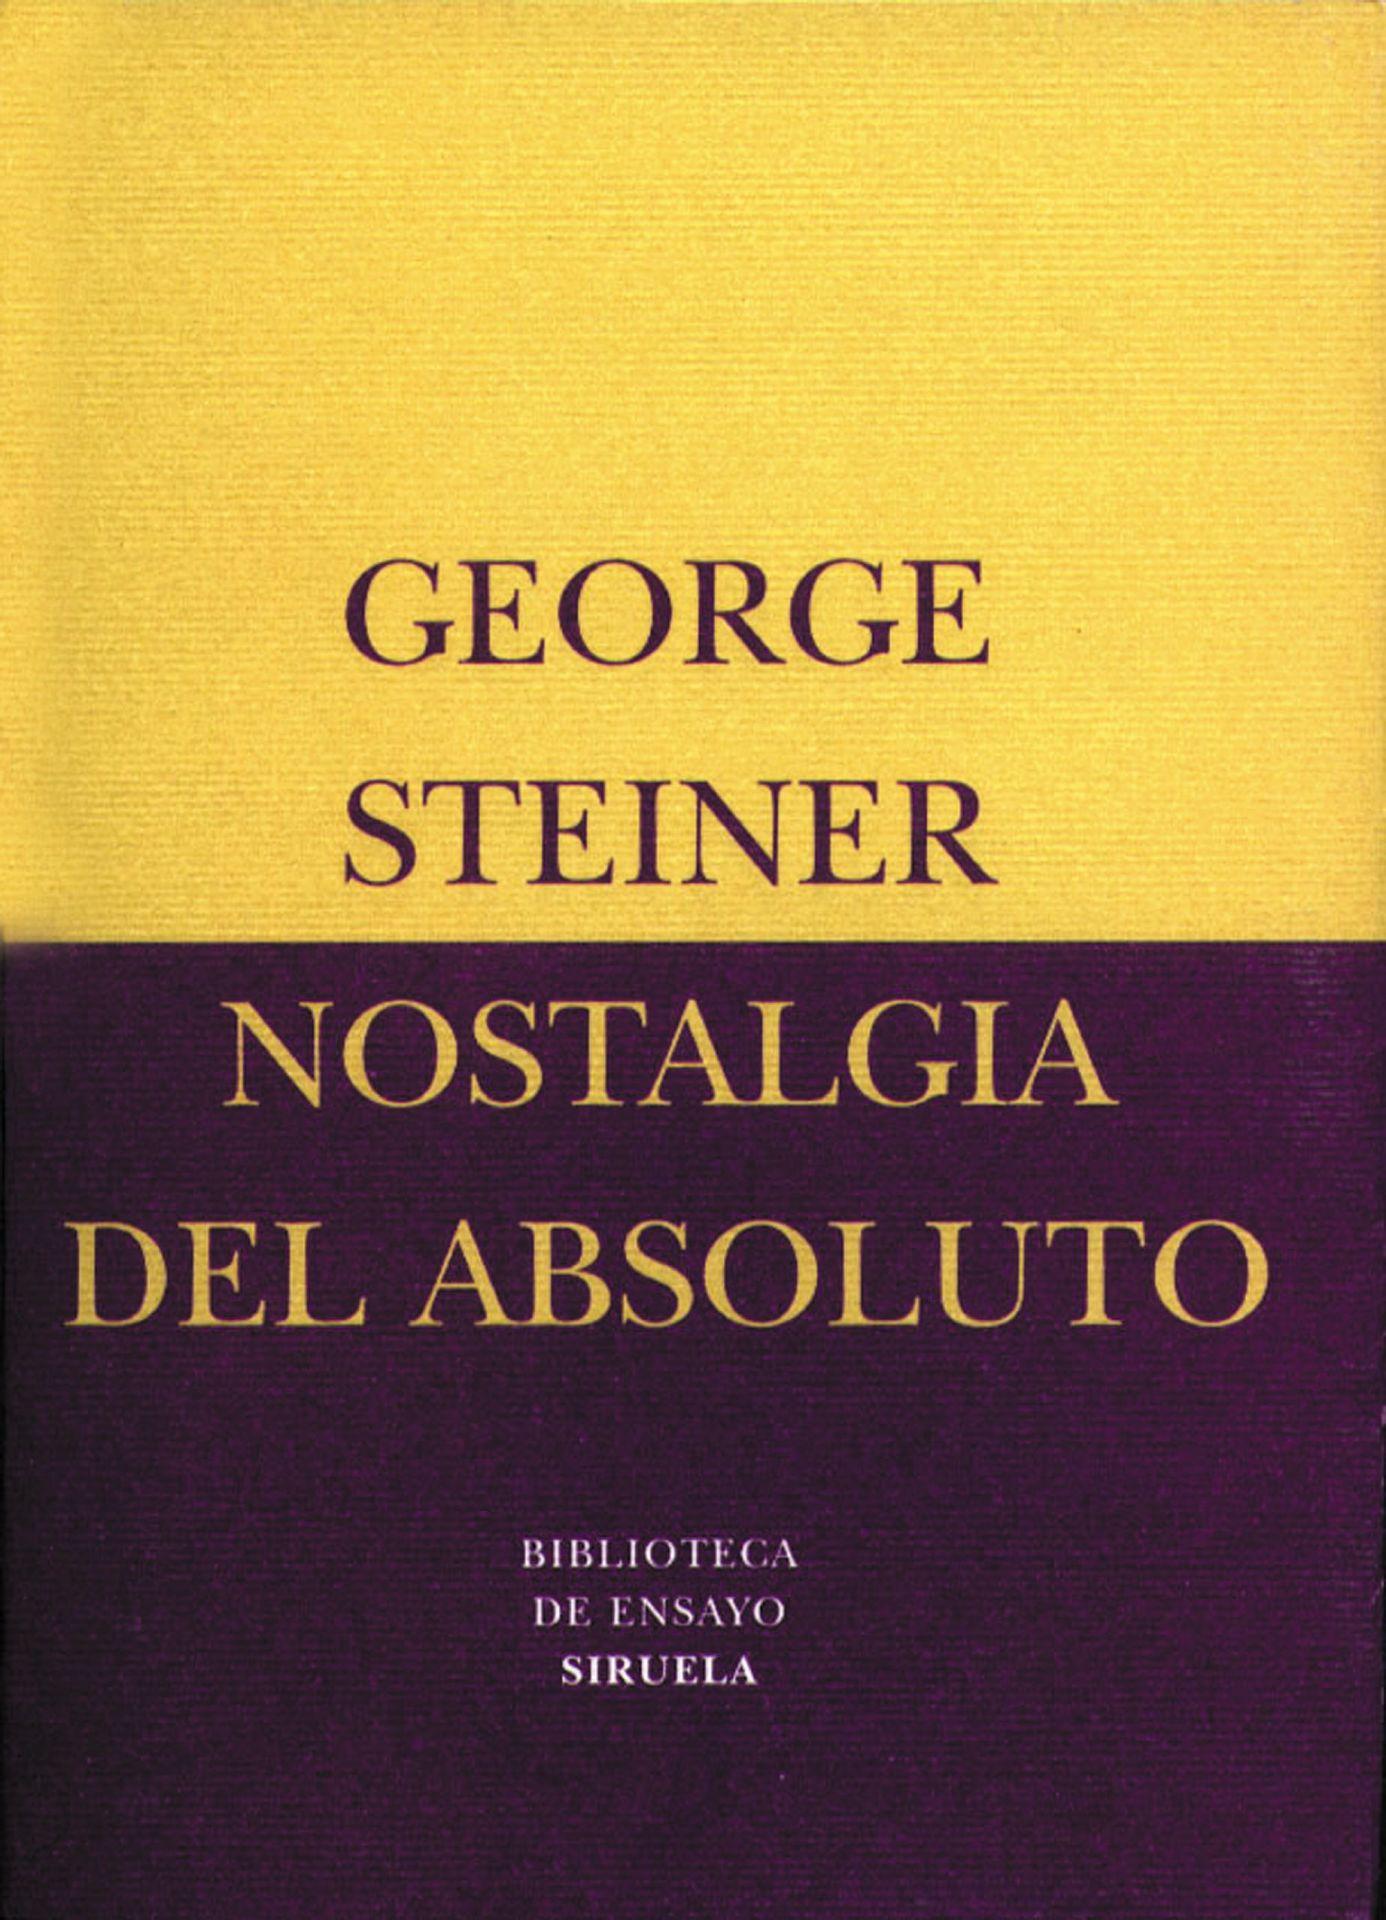 steiner-nostalgia-del-absoluto.jpg